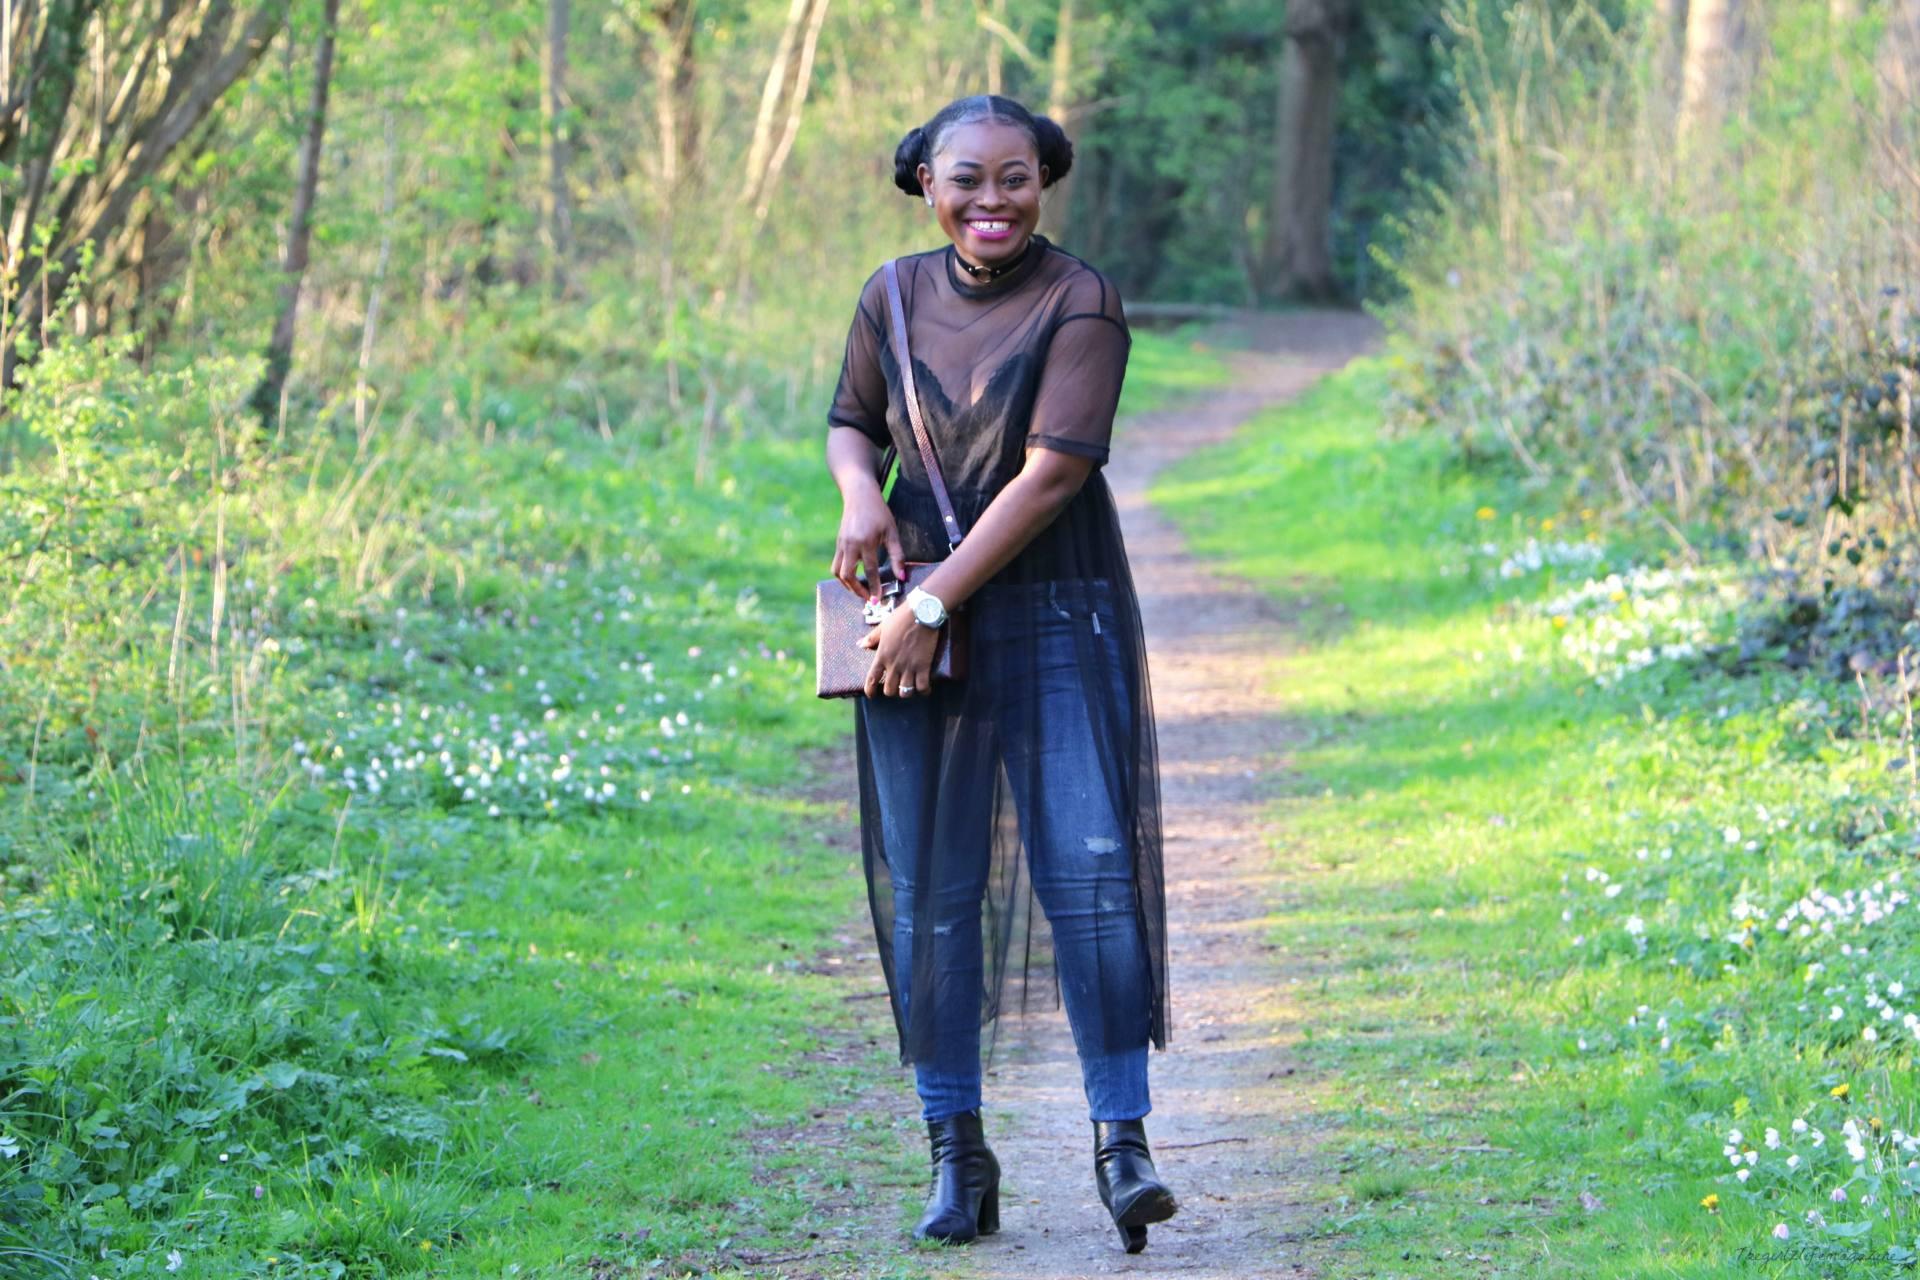 Belgian black blogger